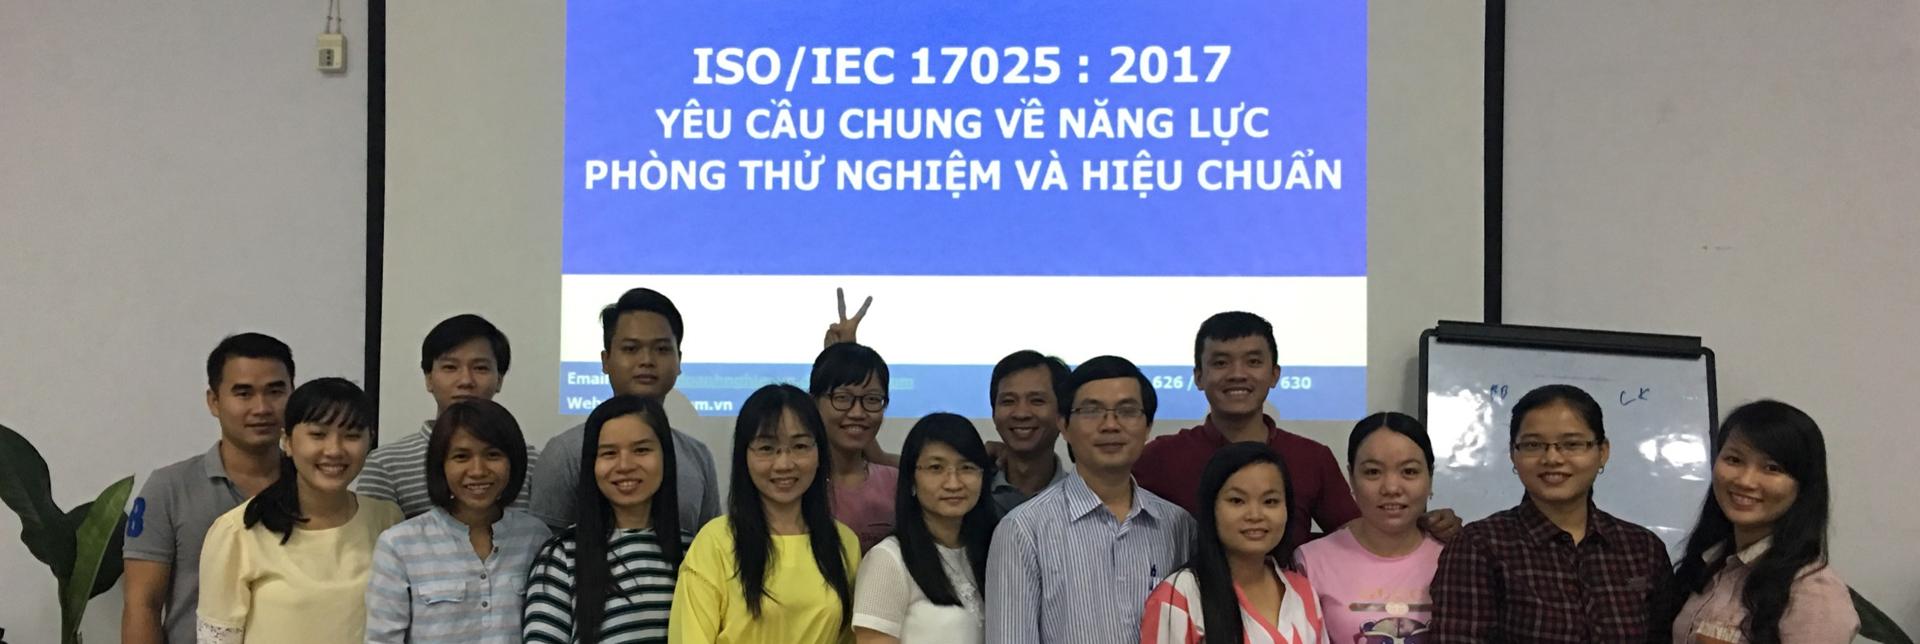 IBTC GIỚI THIỆU HỆ THỐNG QUẢN LÝ NĂNG LỰC PHÒNG THỬ NGHIỆM _ HIỆU CHUẨN <br/> & CHUYỂN ĐỔI ISO/IEC 17025 : 2005 SANG ISO/IEC 17025 : 2017 <br/> >>> BẤM VÀO ĐÂY ĐỂ XEM CHI TIẾT